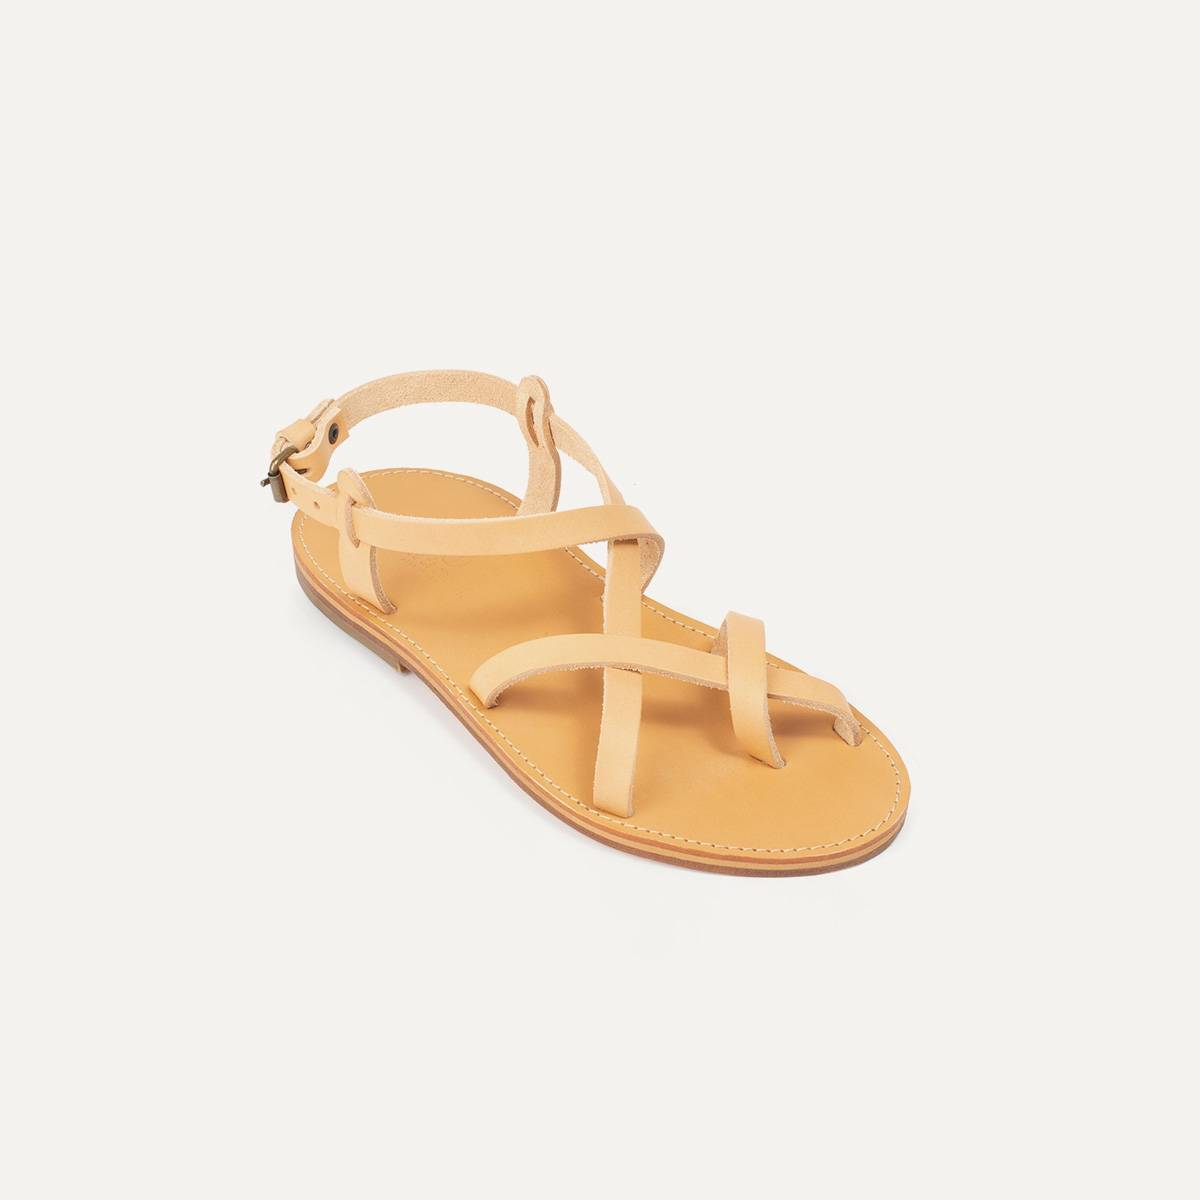 Sandales cuir Nara - Naturel (image n°2)